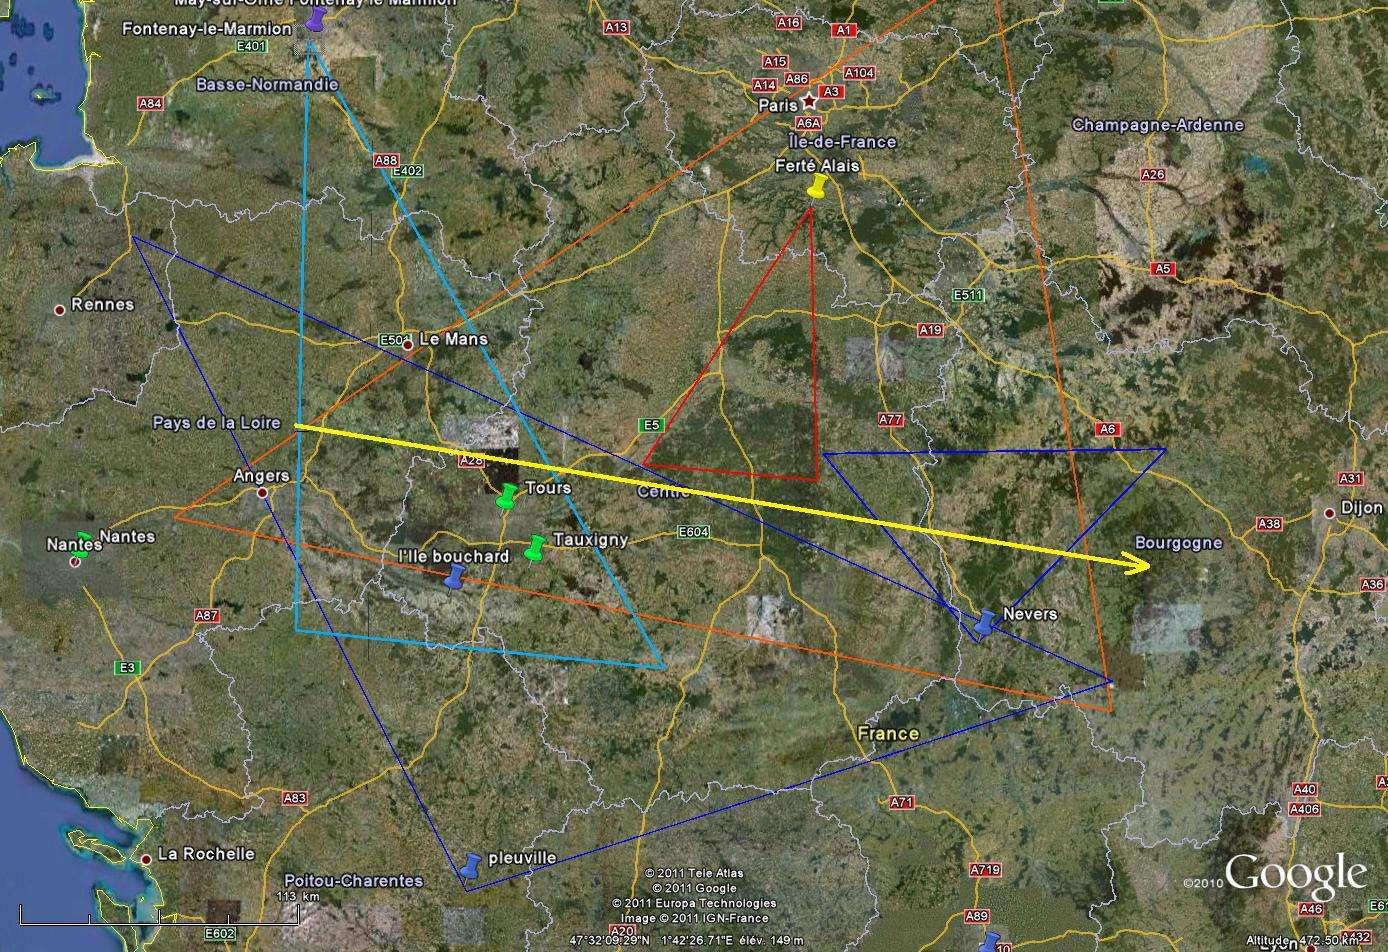 Carte de la trajectoire du bolide du 21 octobre. © Laurent/Météorites.superforum.fr